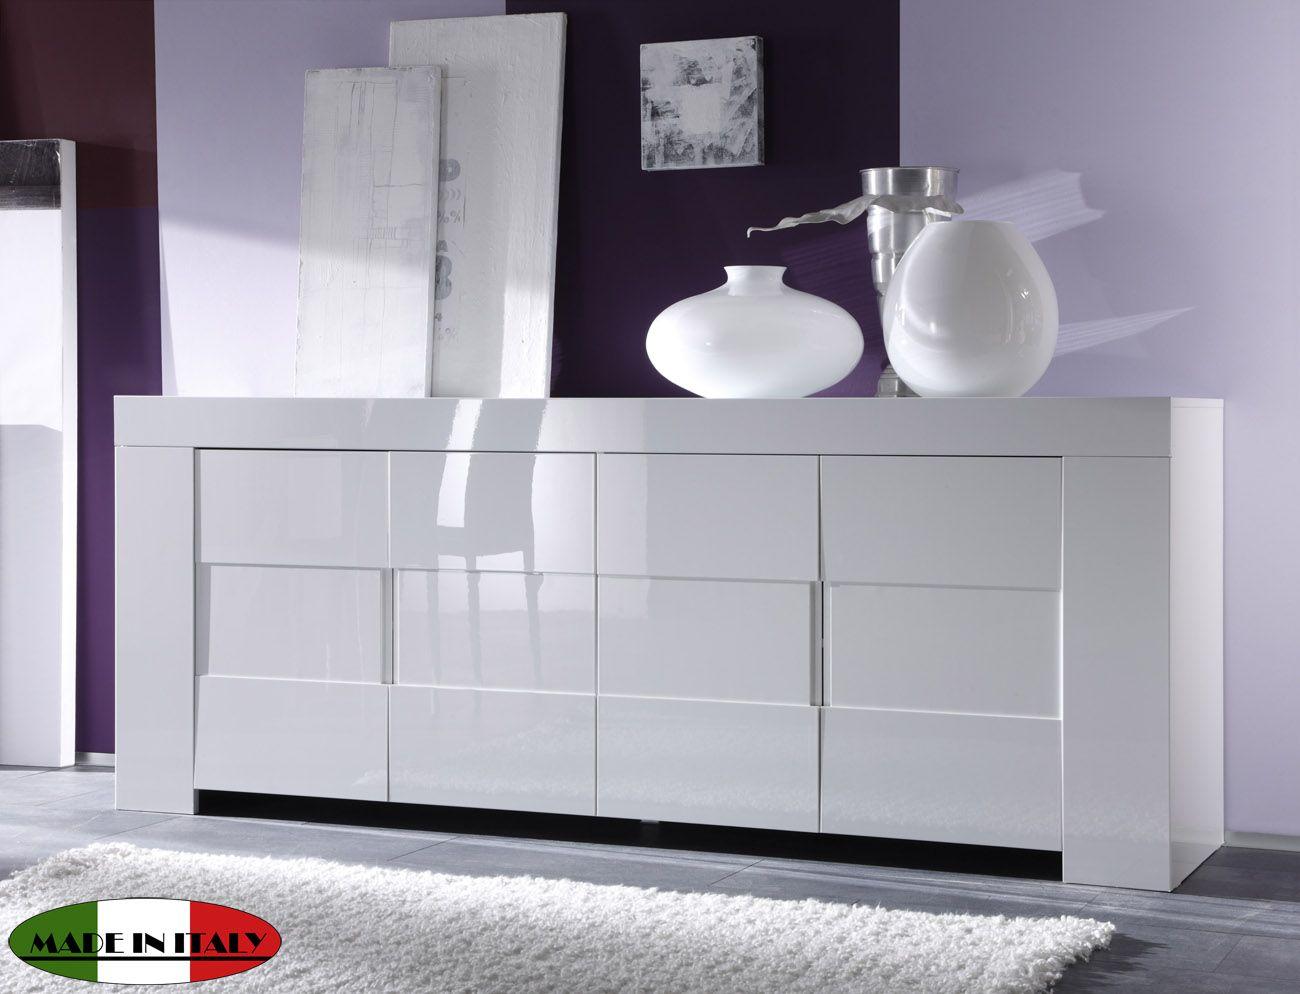 emejing kommode für wohnzimmer ideas - house design ideas ... - Deko Kommode Wohnzimmer